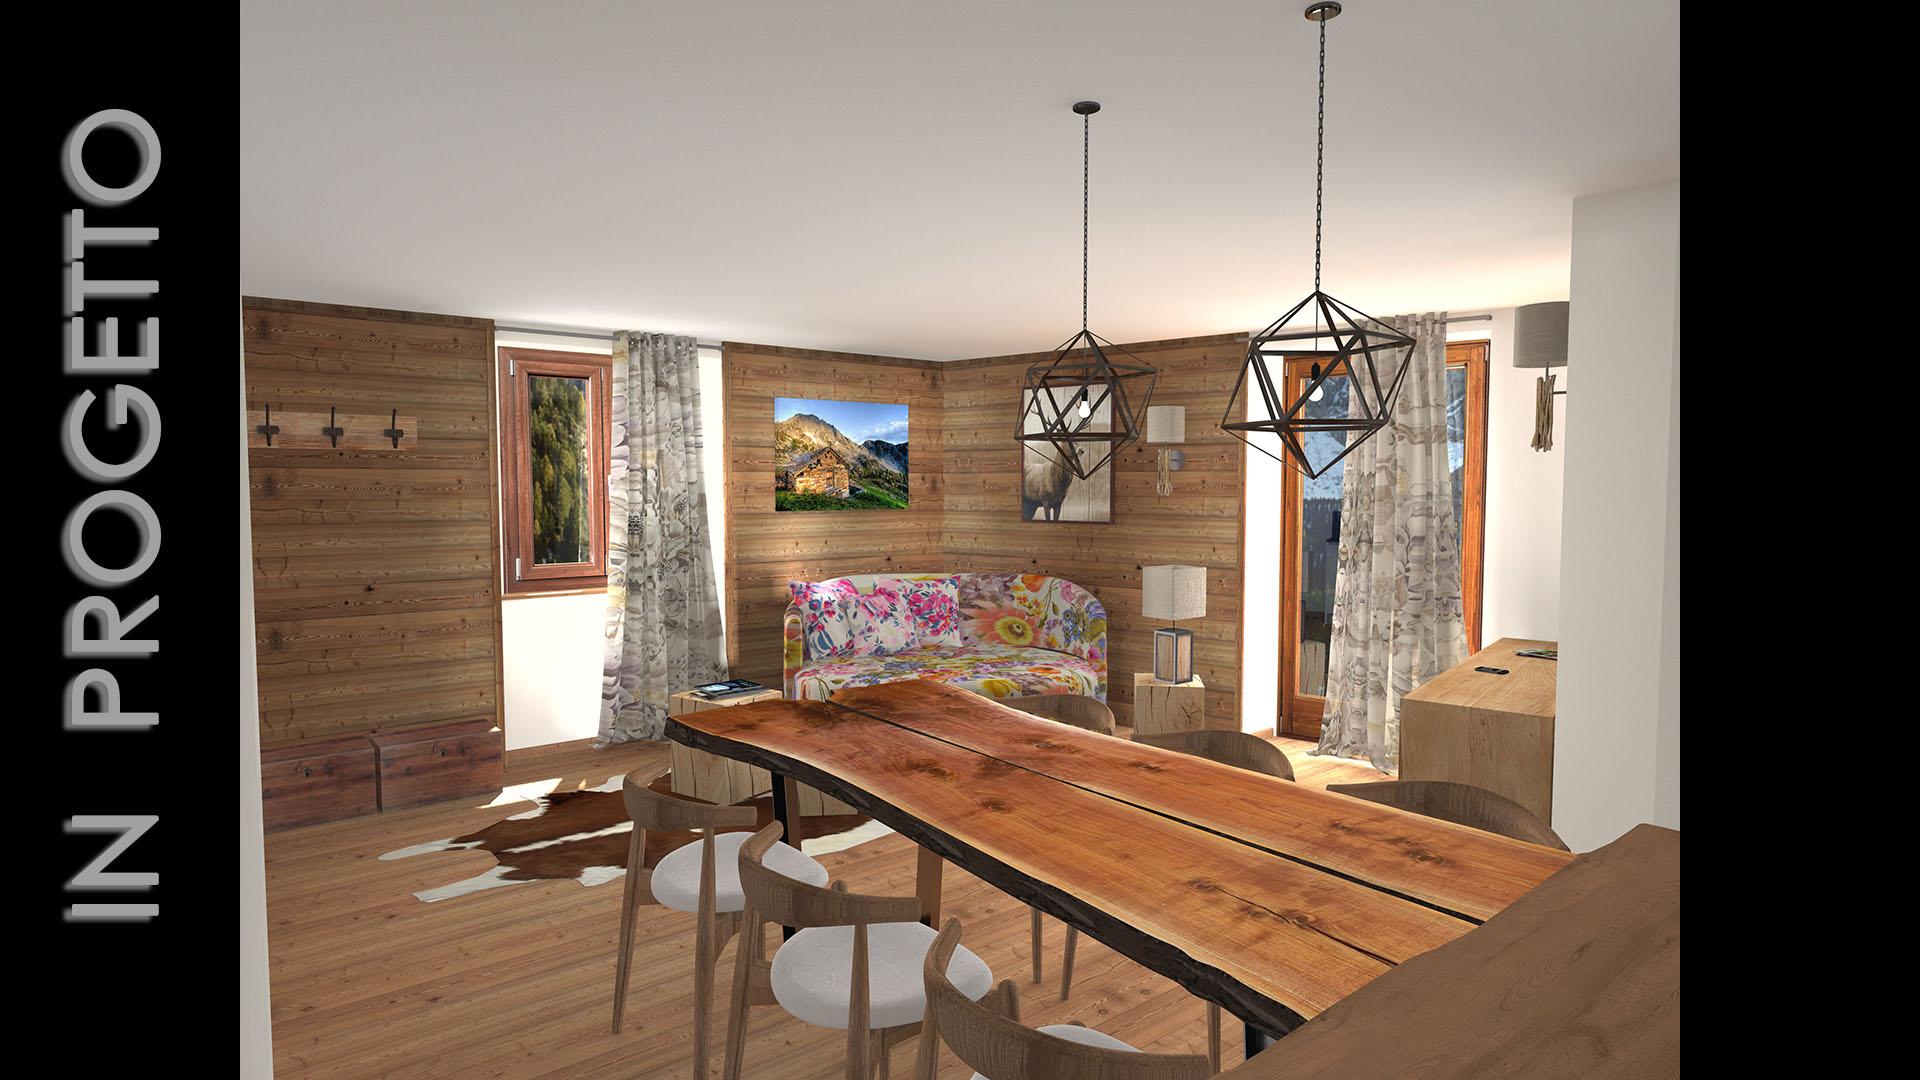 Appartamento a gressoney ao emsign studio di enrico for Appartamento interior design